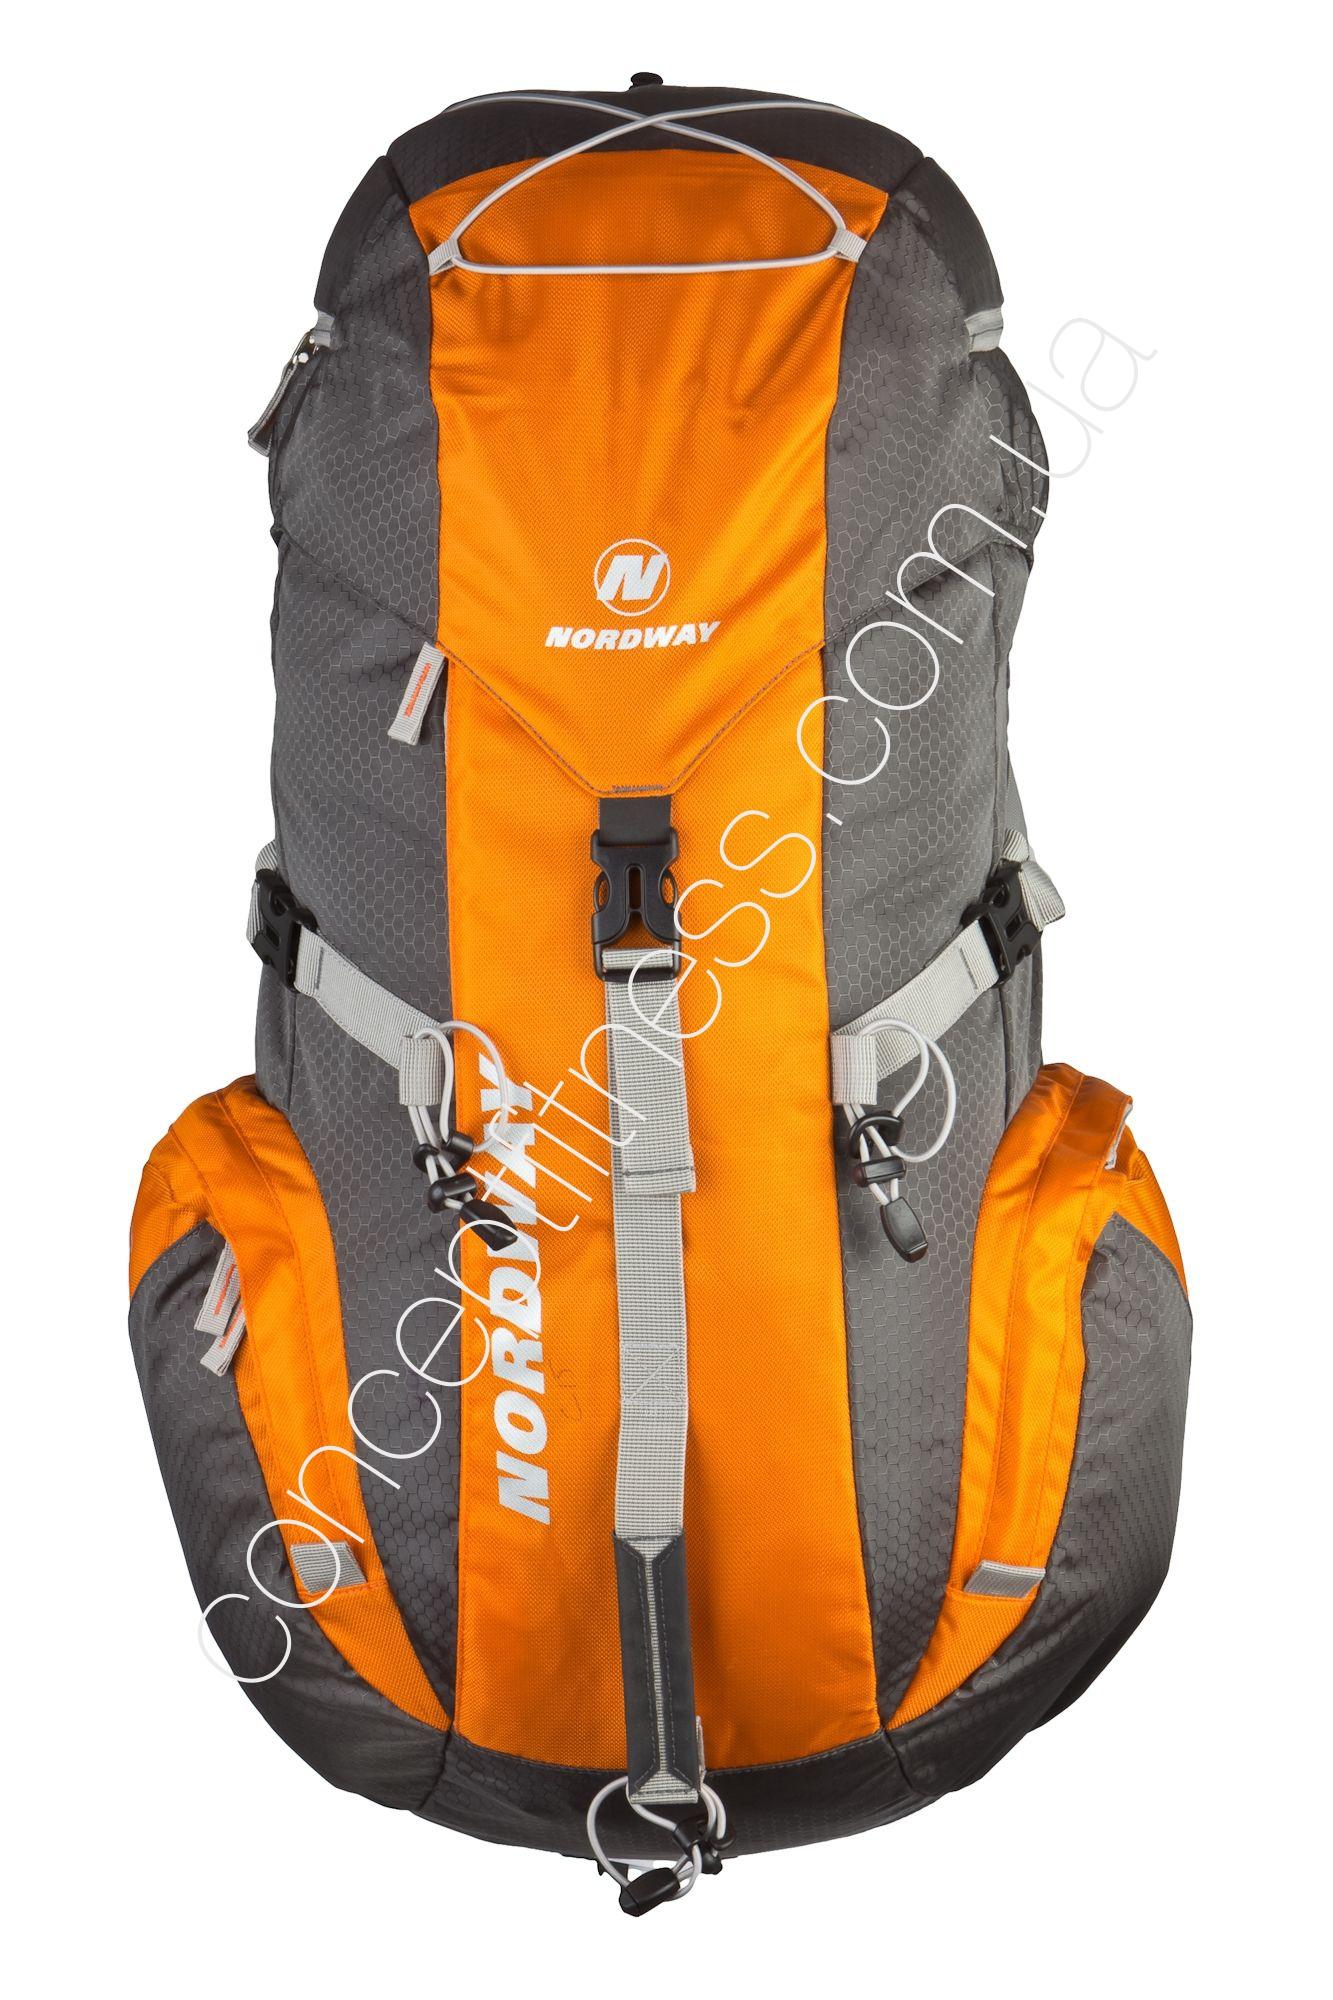 Купить рюкзак nordway 40 литров купить недорого рюкзак для рыбалки